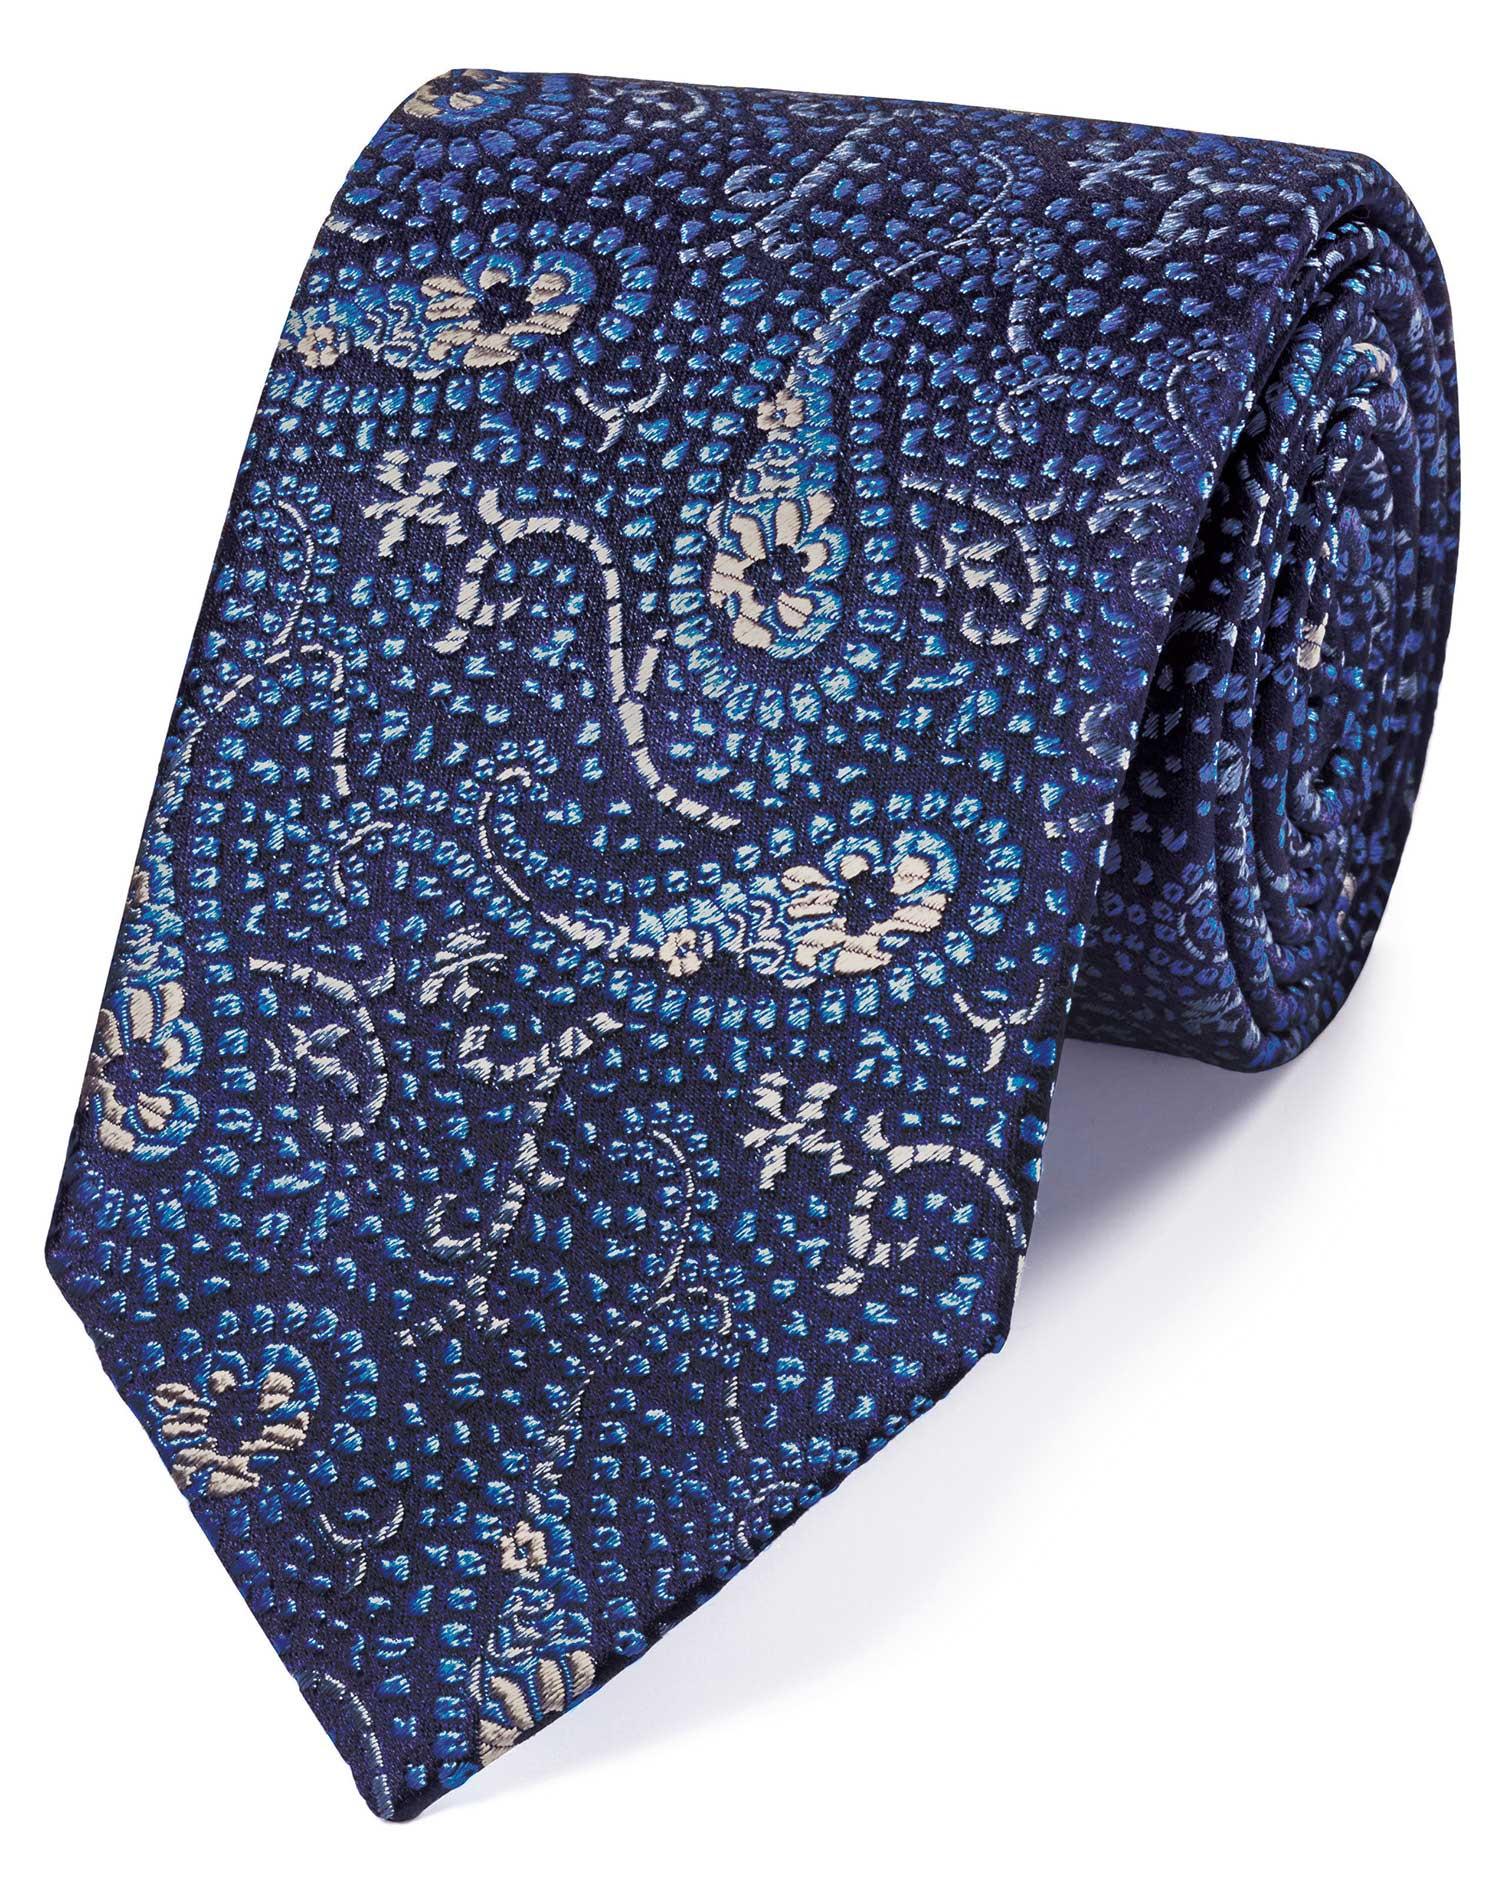 Corbata De Alta Gama Azul Celeste De Seda Y Confeccion Inglesa Con - Gama-de-azul